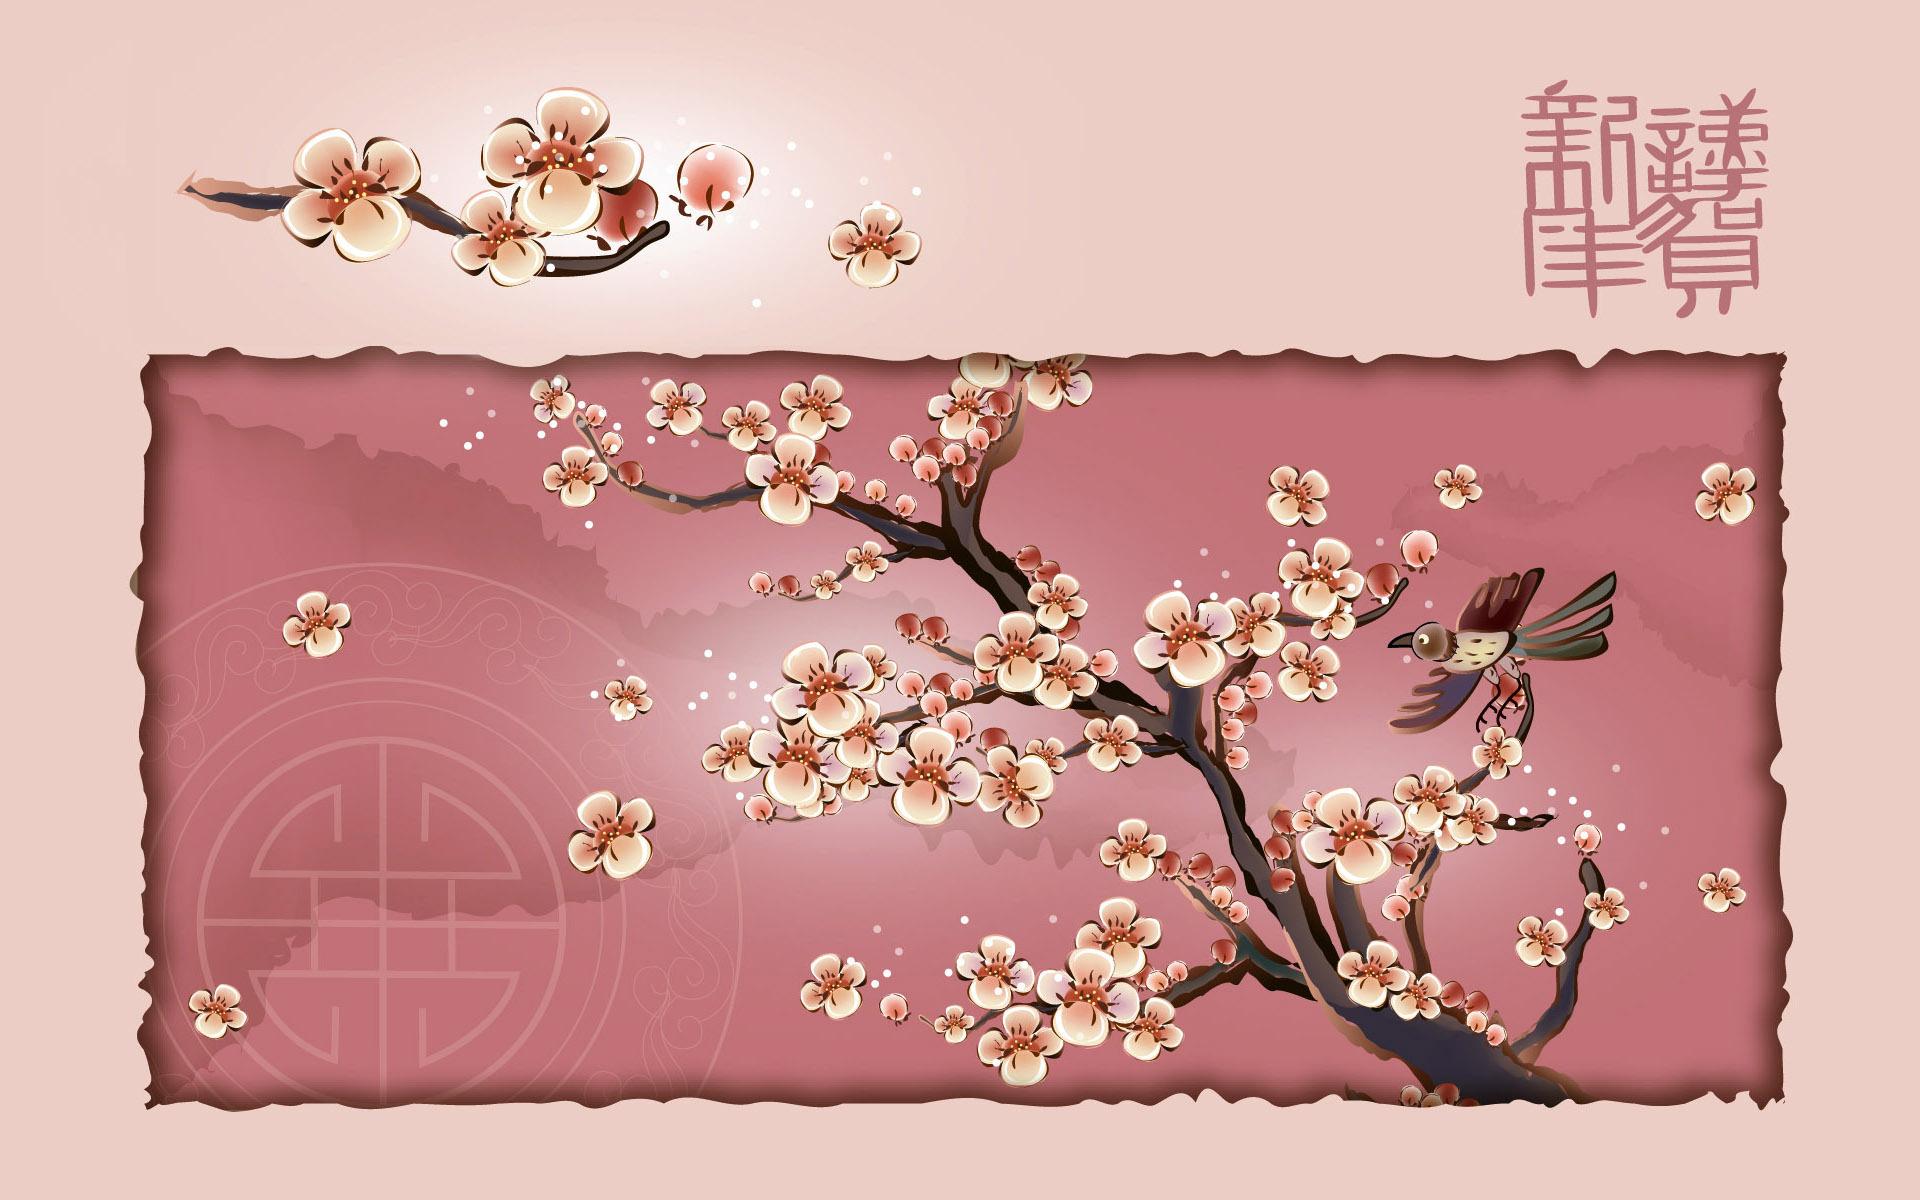 постер с изображением сакуры фото